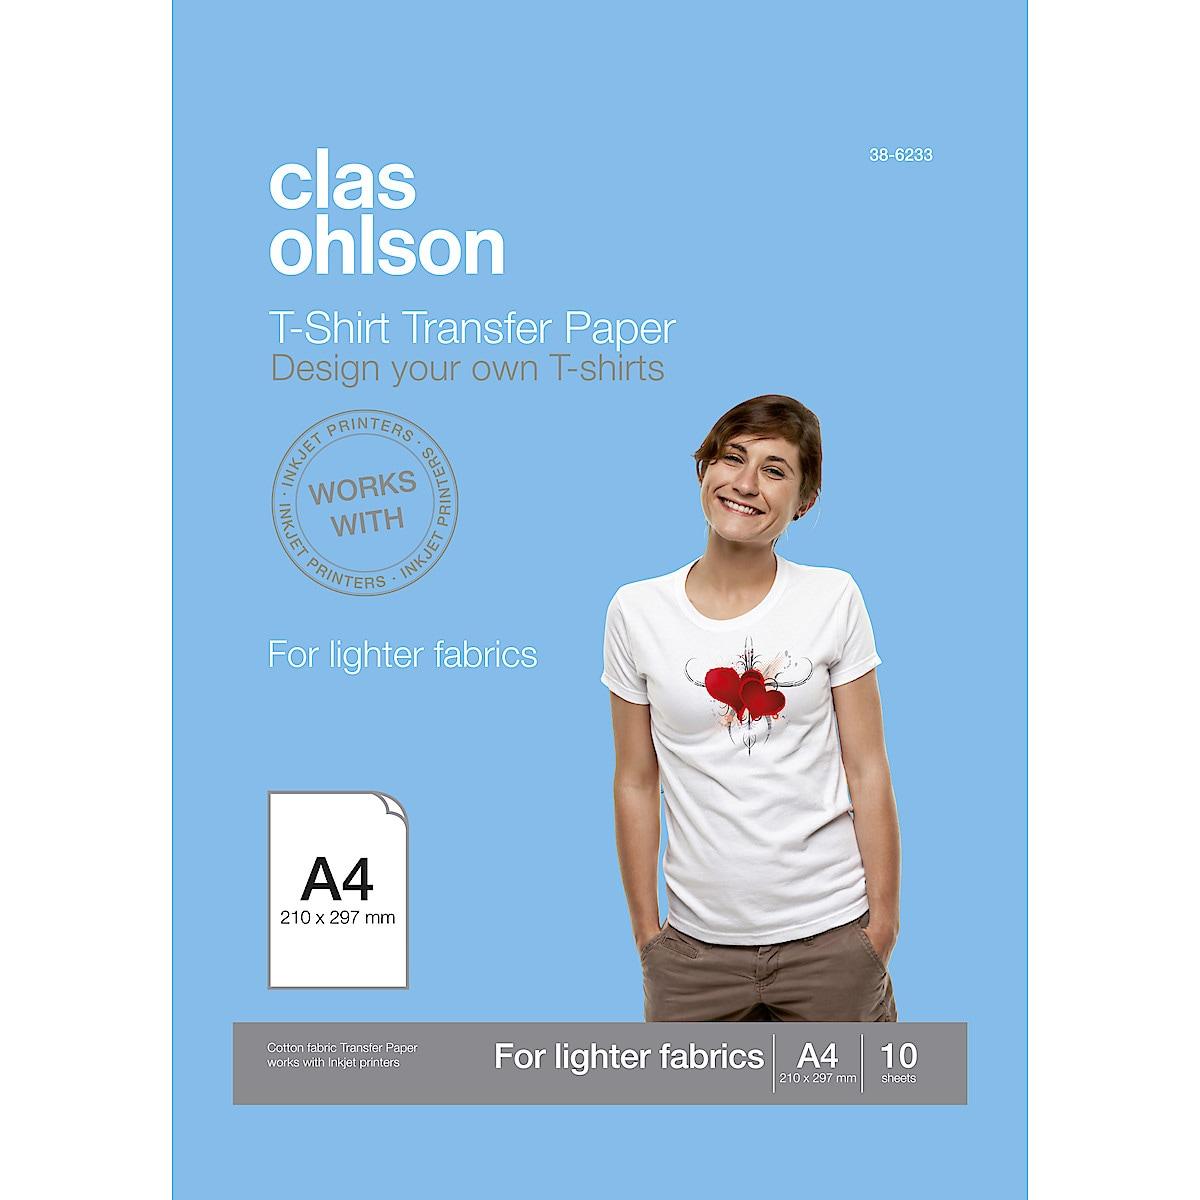 T-shirtpapper för vita/ljusa plagg Clas Ohlson